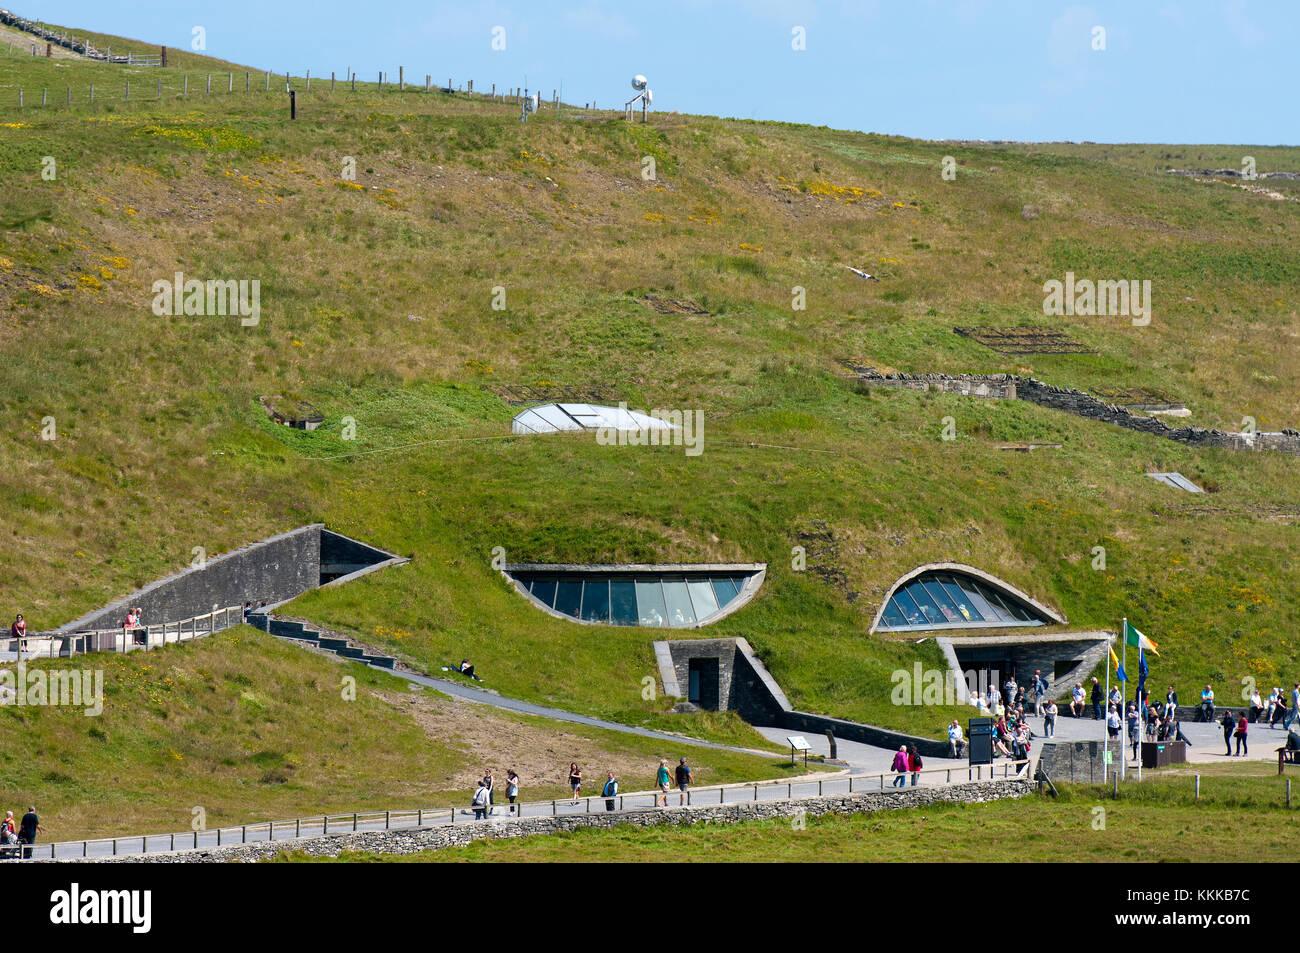 Besucherzentrum der Cliffs of Moher, County Clare, Irland Stockbild